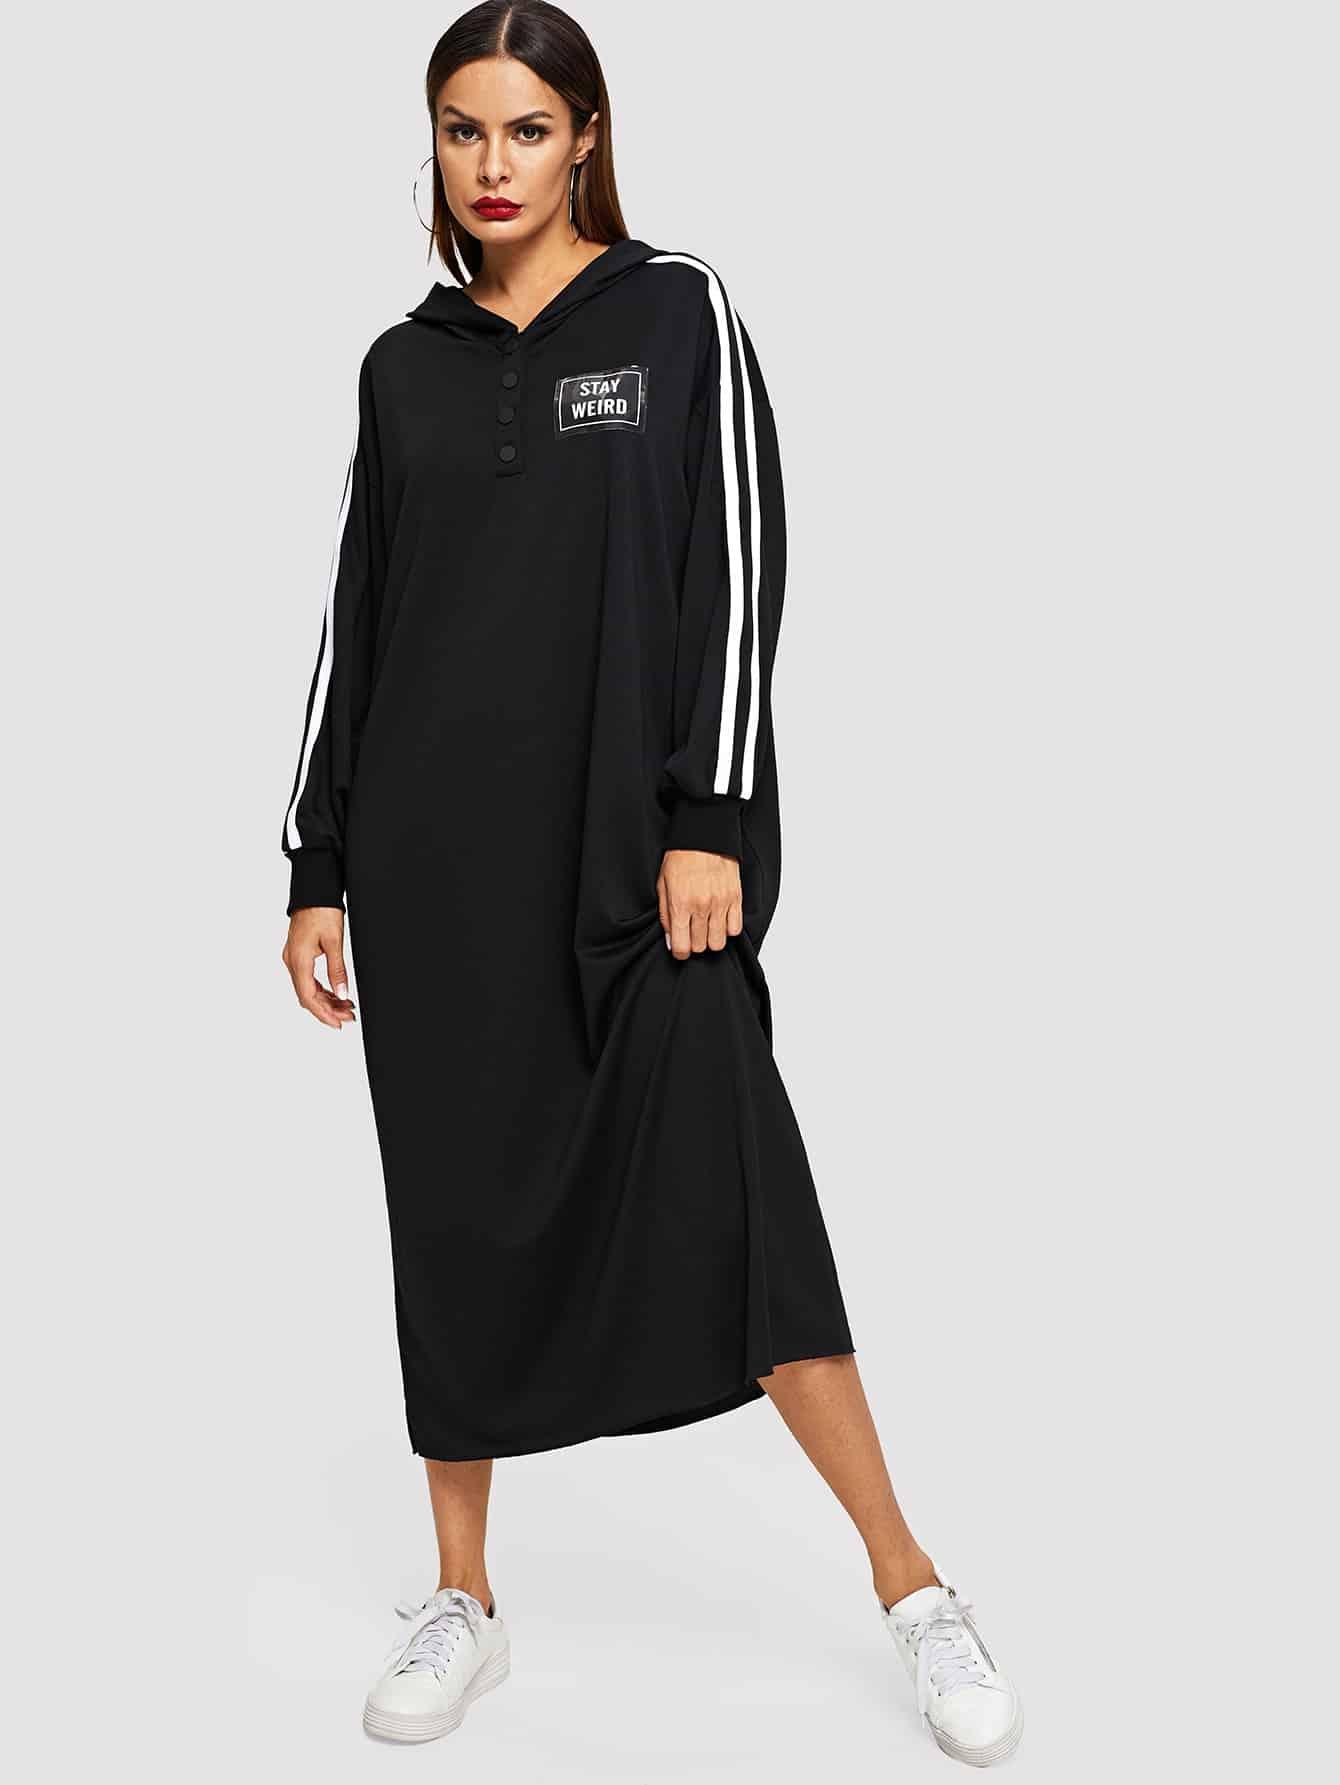 Купить Длинное платье в полоску с капюшоном и текстовым принтом, Andy, SheIn